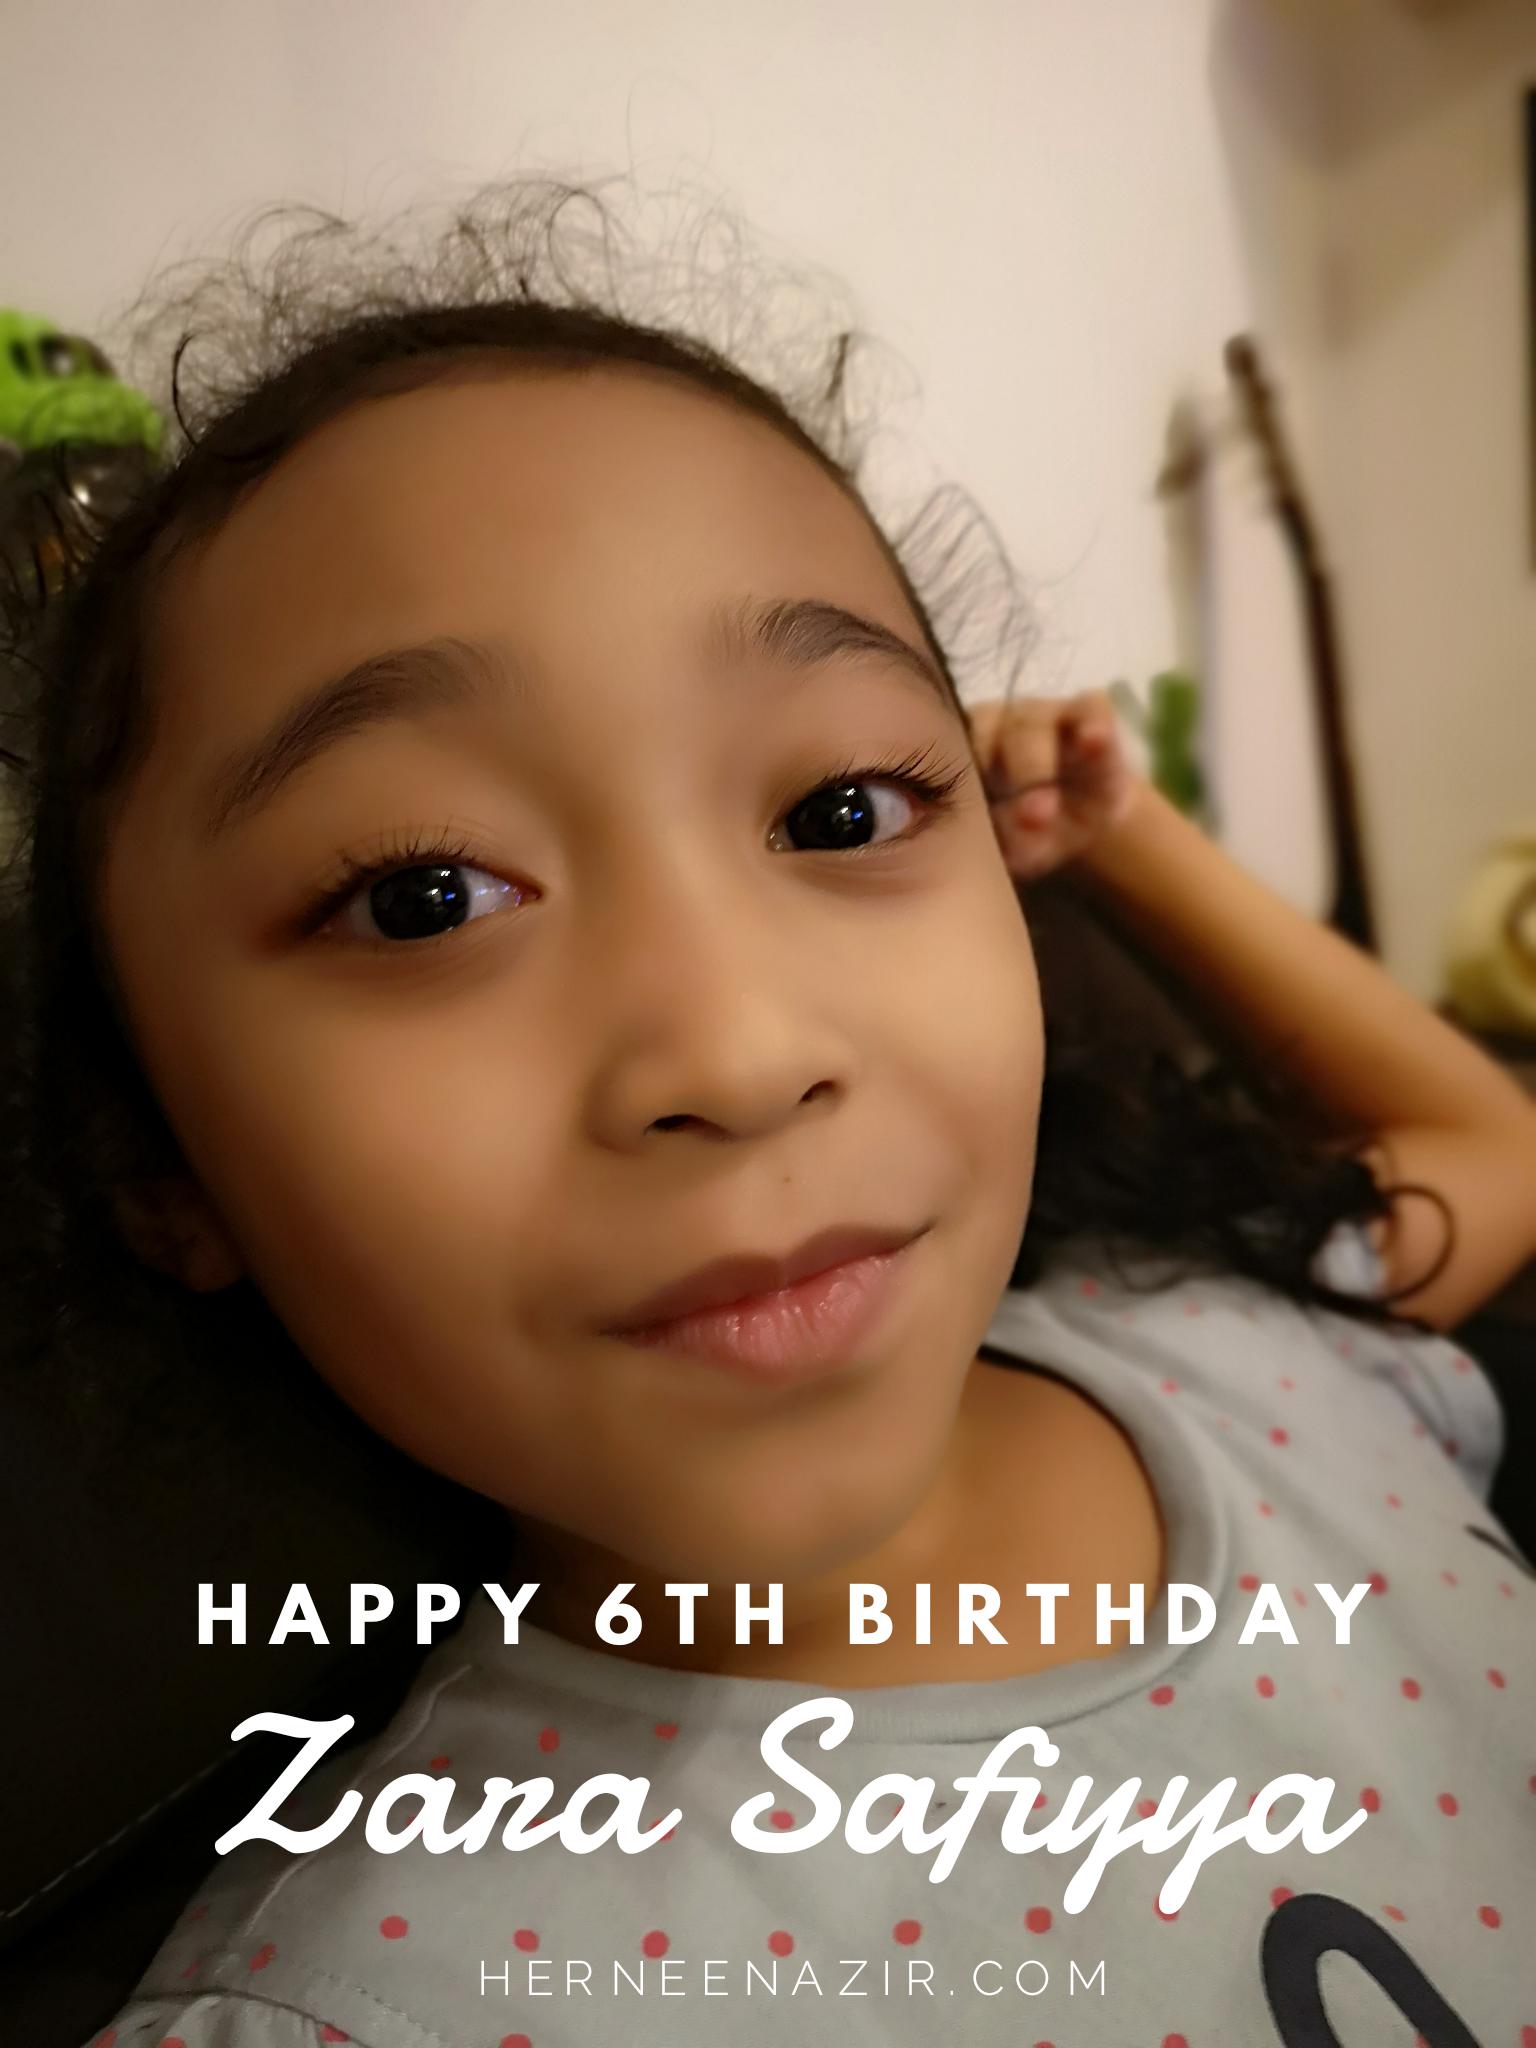 Happy 6th Birthday Zara Safiyya – 19 June 2019